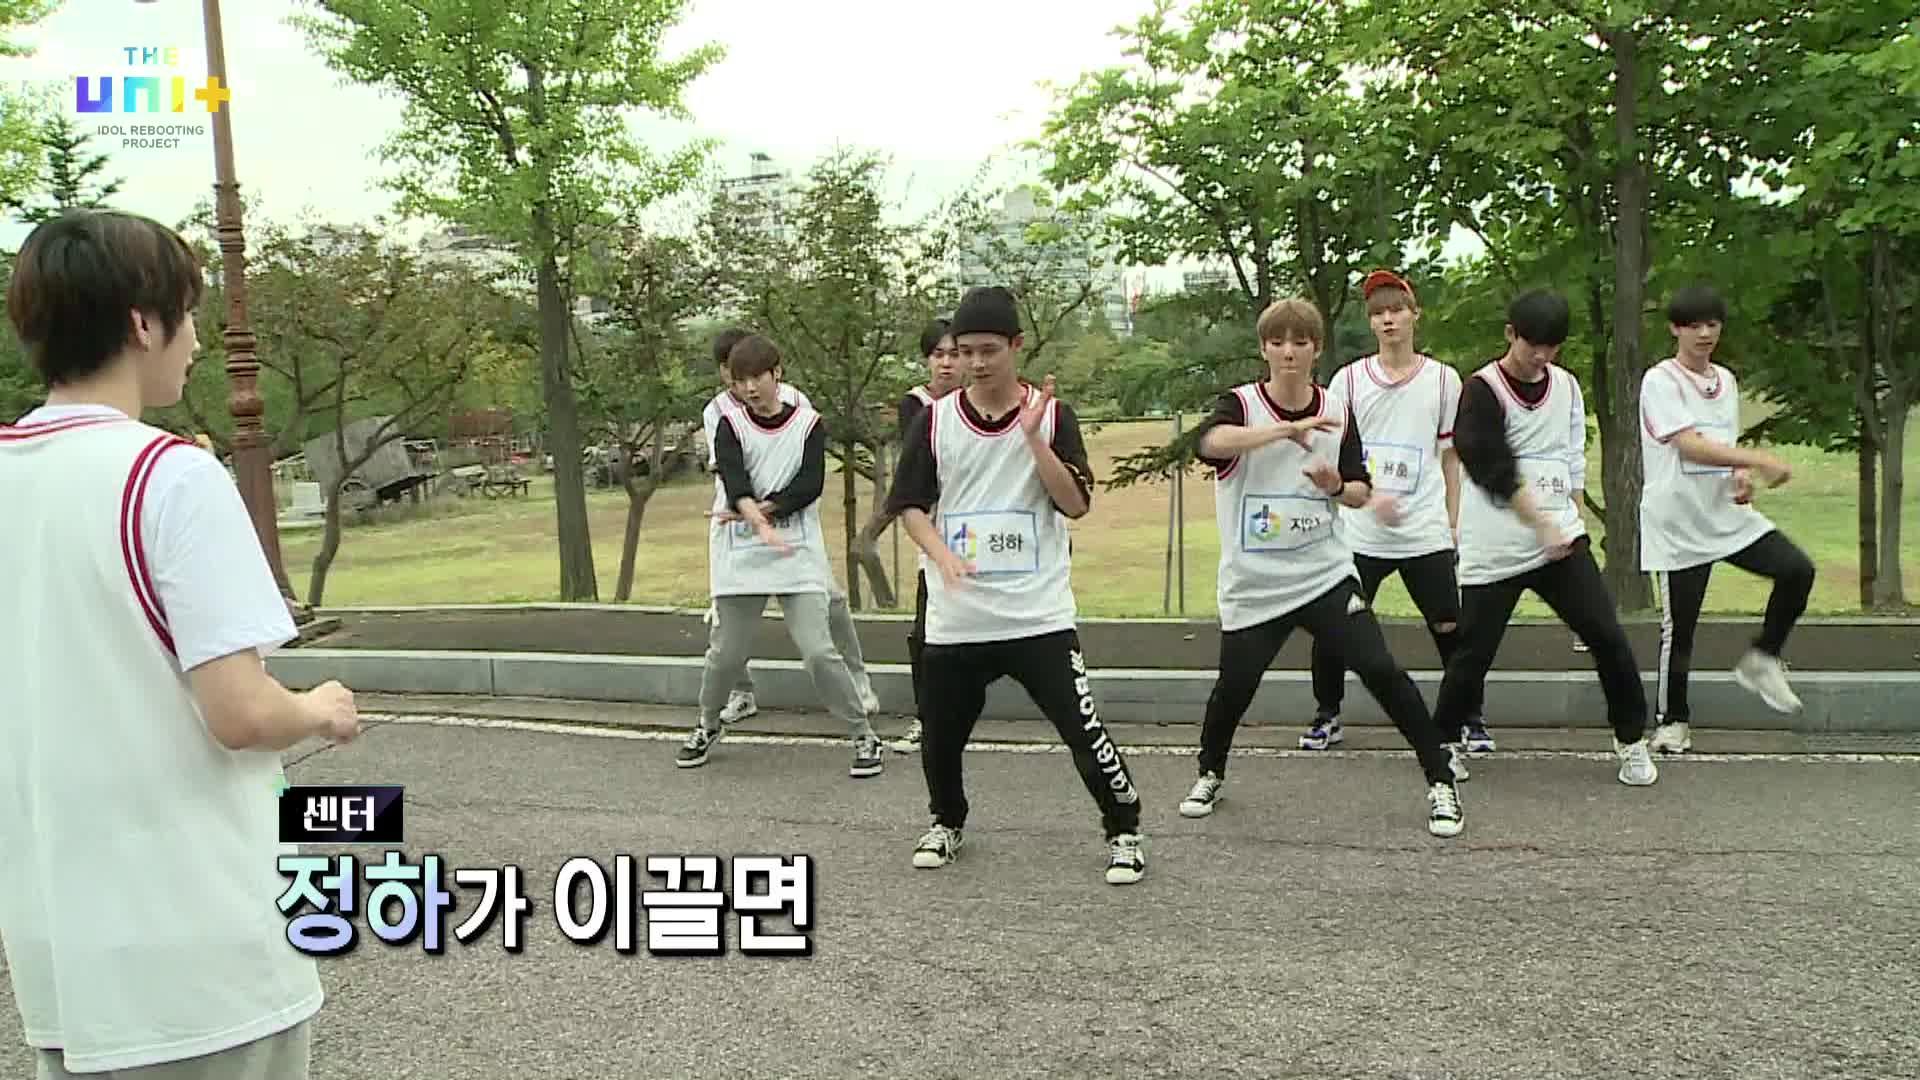 [미방분] / 대원조의 연습방법 [Choreography Practice of DAE WON's Group]